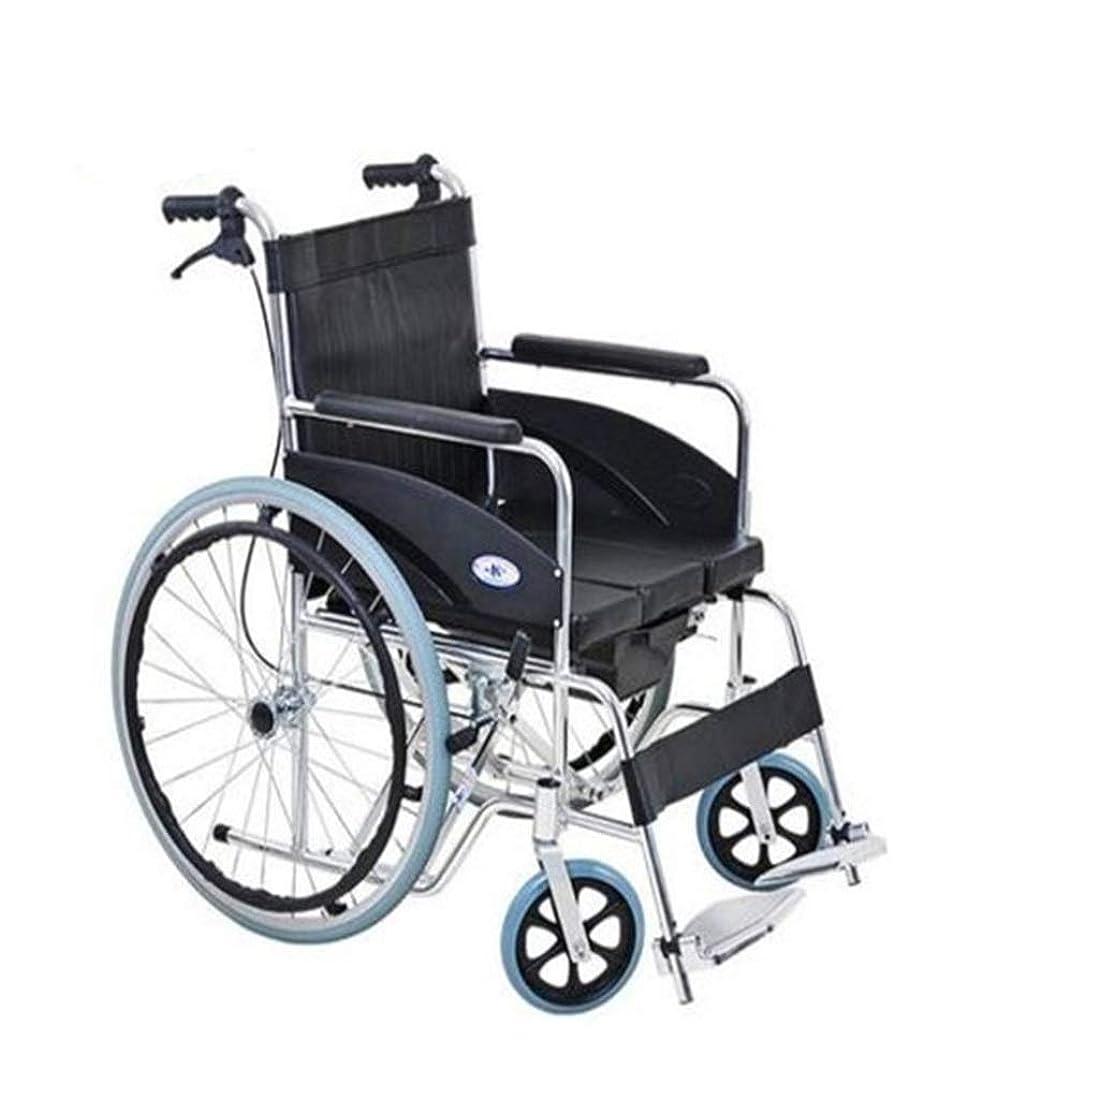 パラダイスフィヨルドコード車椅子トロリー多機能安全ブレーキ、折りたたみ式軽量アルミニウム合金、高齢者障害者用屋外プッシュ車椅子